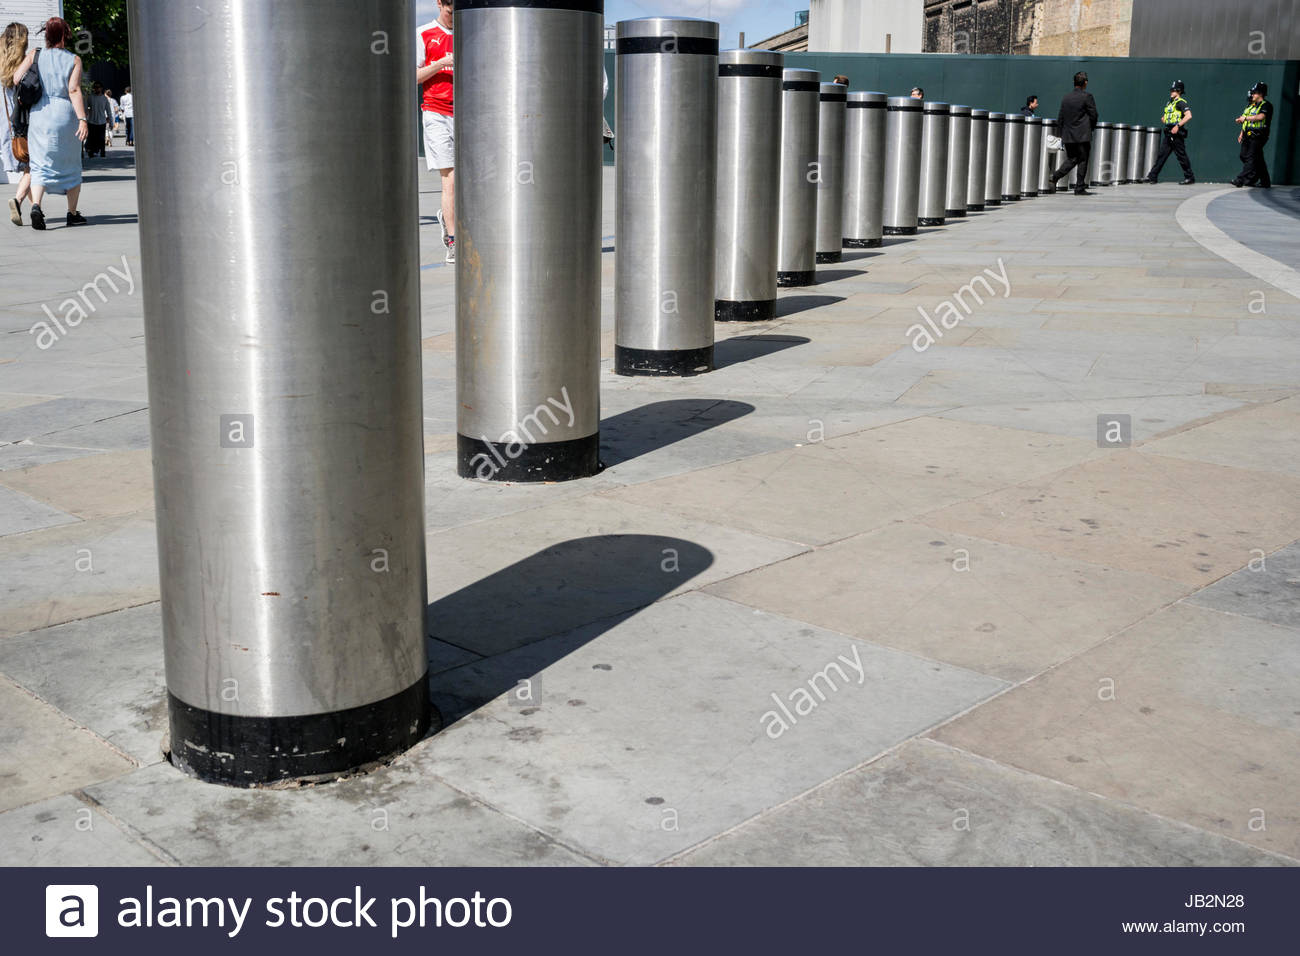 Steel bollards outside Kings Cross Railway Station - Stock Image